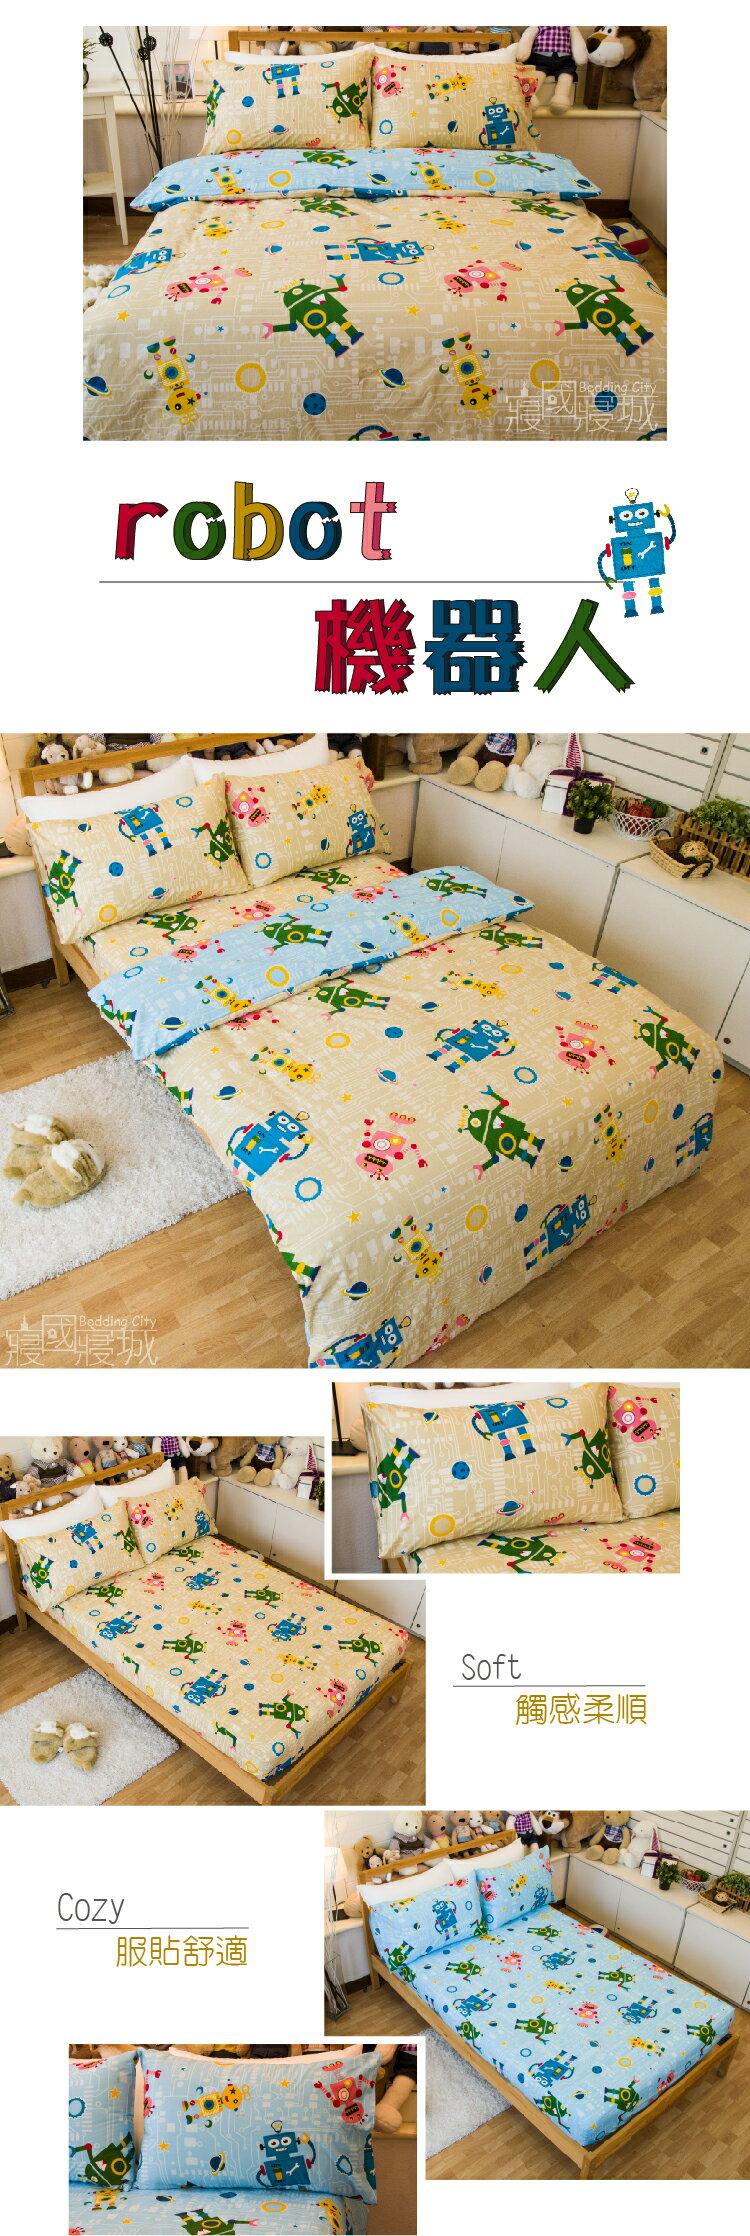 加大雙人床包+被套/100%精梳棉-多款花色可挑選【大鐘印染、台灣製造】 #精梳純綿 5